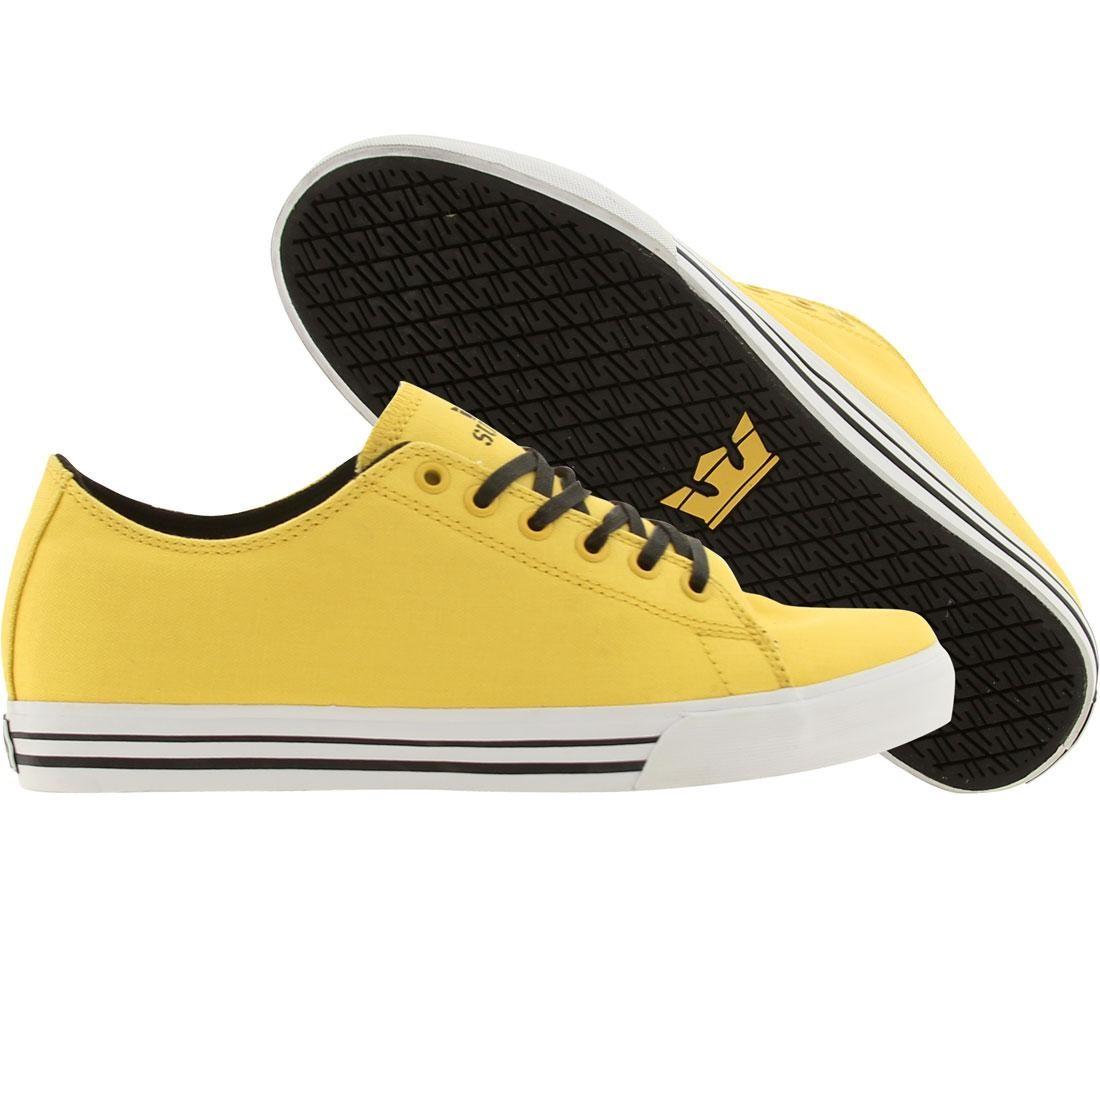 【海外限定】スープラ サンダー メンズ靴 スニーカー 【 SUPRA THUNDER LOW YELLOW CANVAS 】